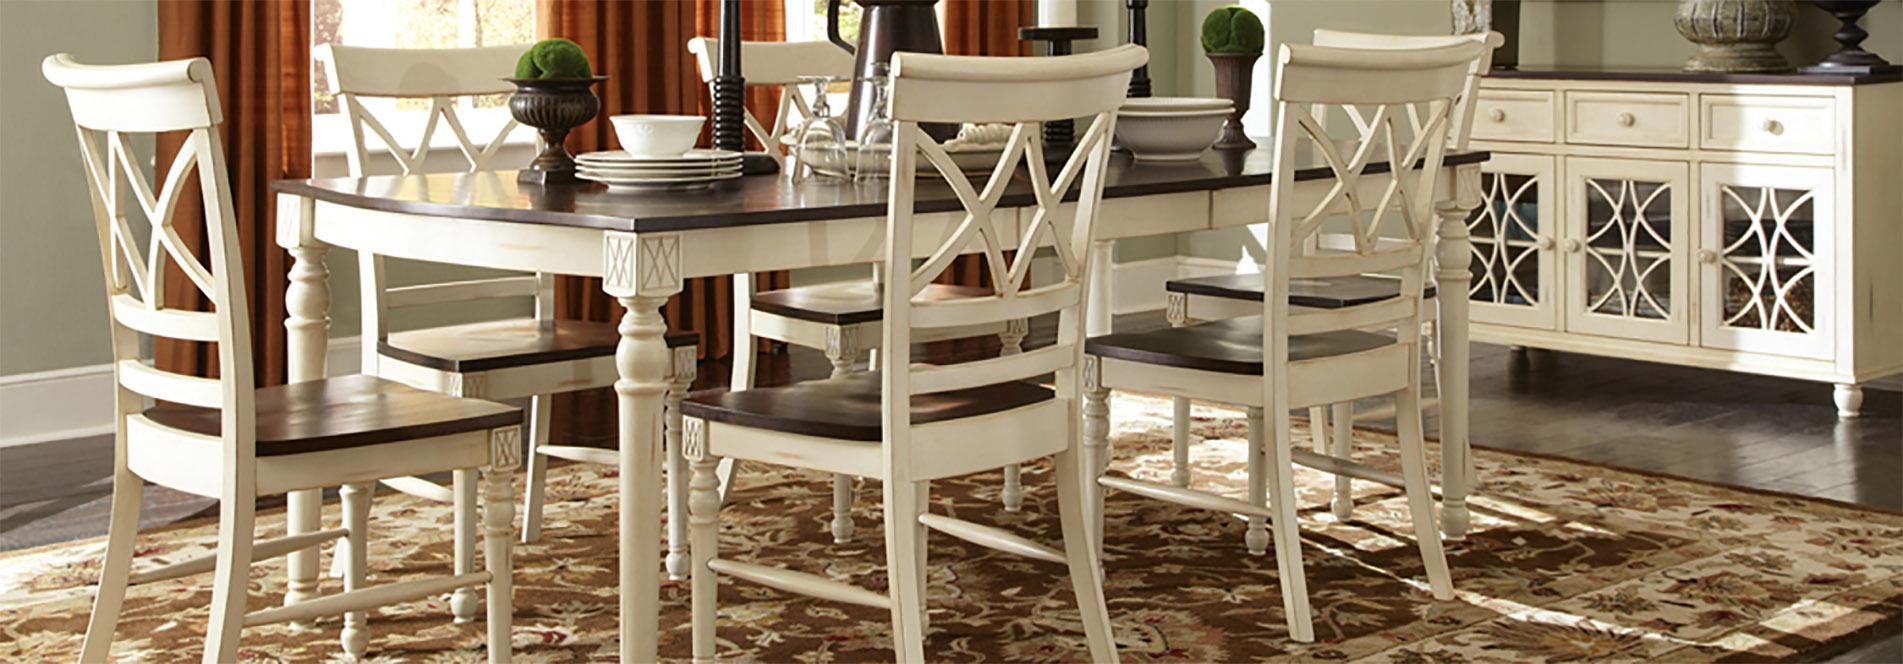 Custom and Unique Furniture Designs